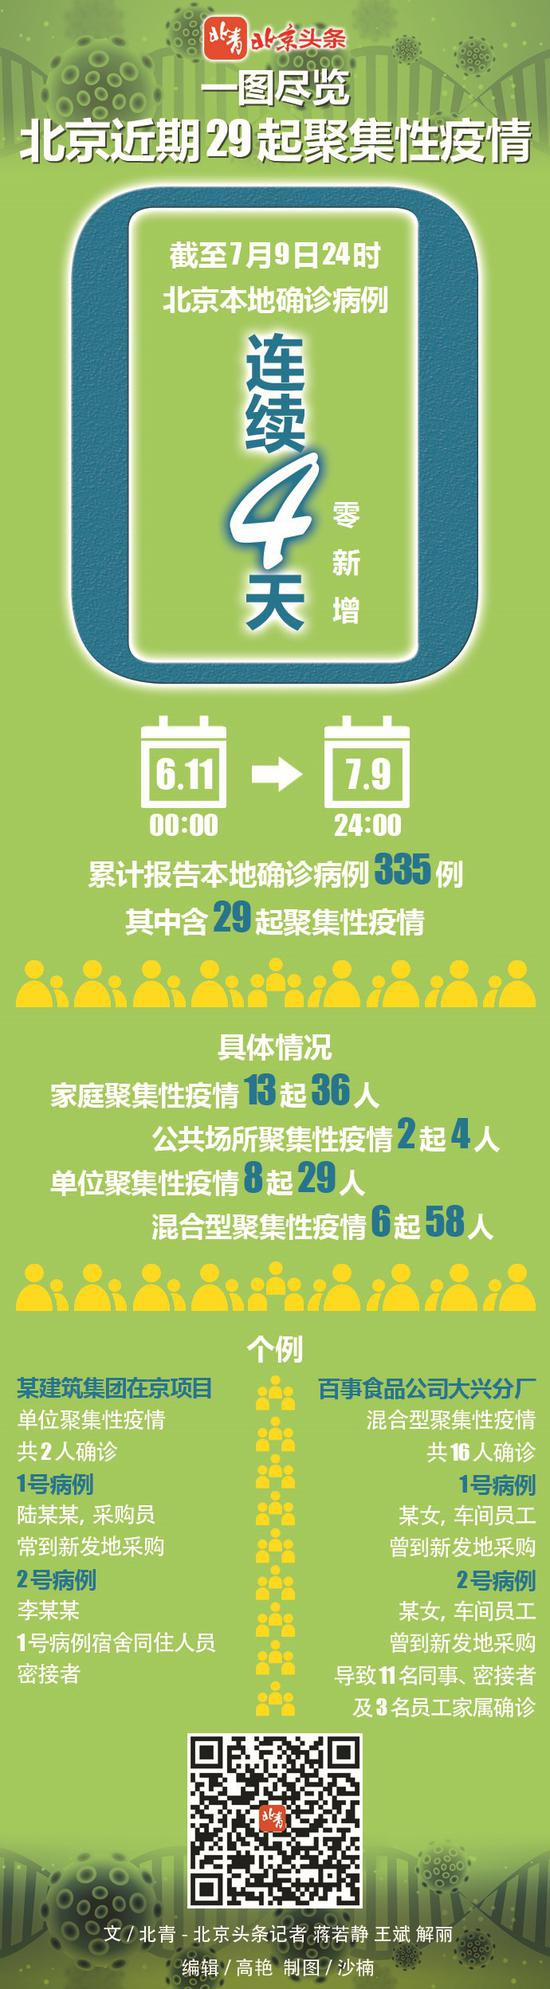 「赢咖3开户」览北京近期29起聚赢咖3开户集性疫情图片